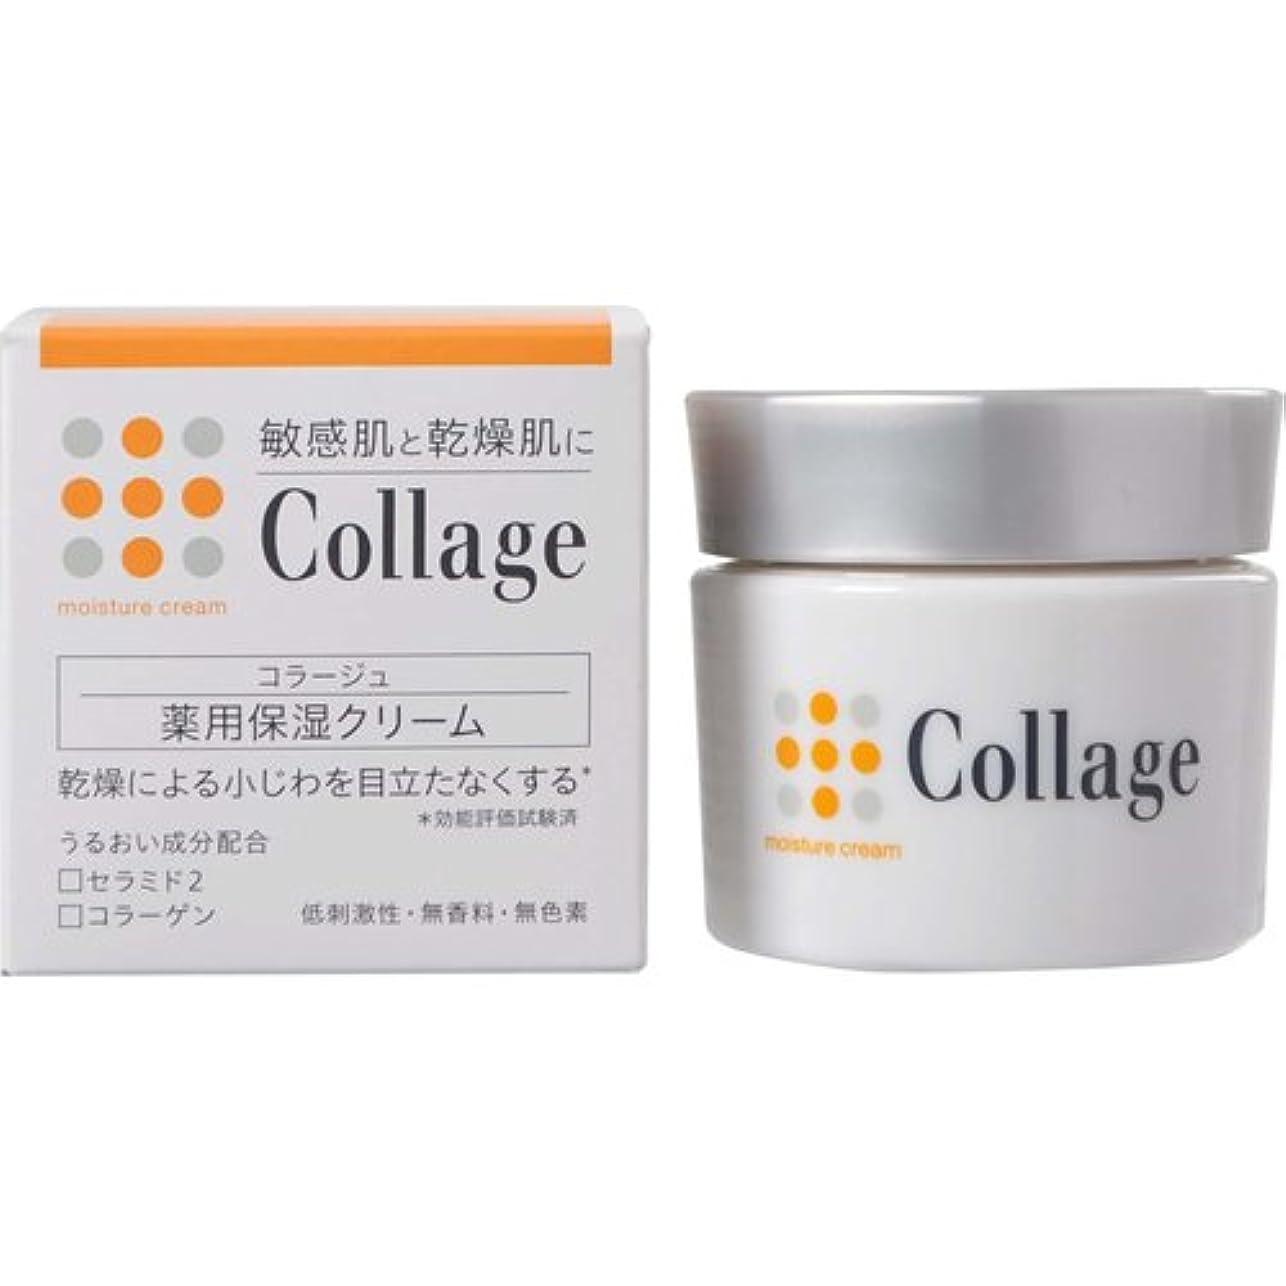 ハッピー繰り返す寂しいコラージュ 薬用保湿クリーム 30g 【医薬部外品】